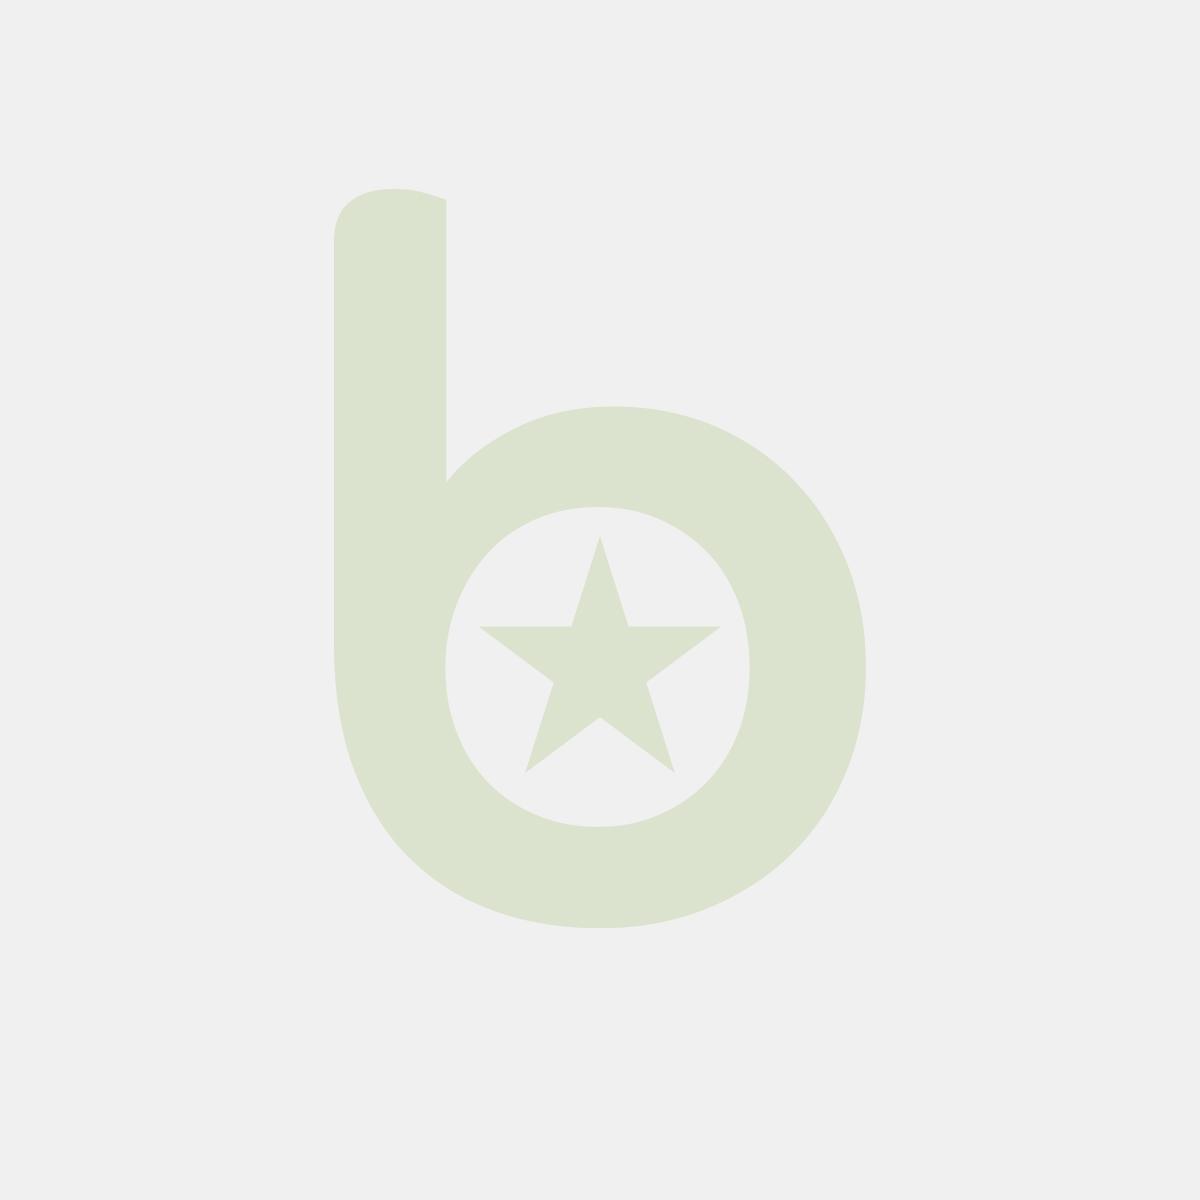 Pojemnik prostokątny bezbarwny KP-818 750ml PP, cena za opakowanie 50szt